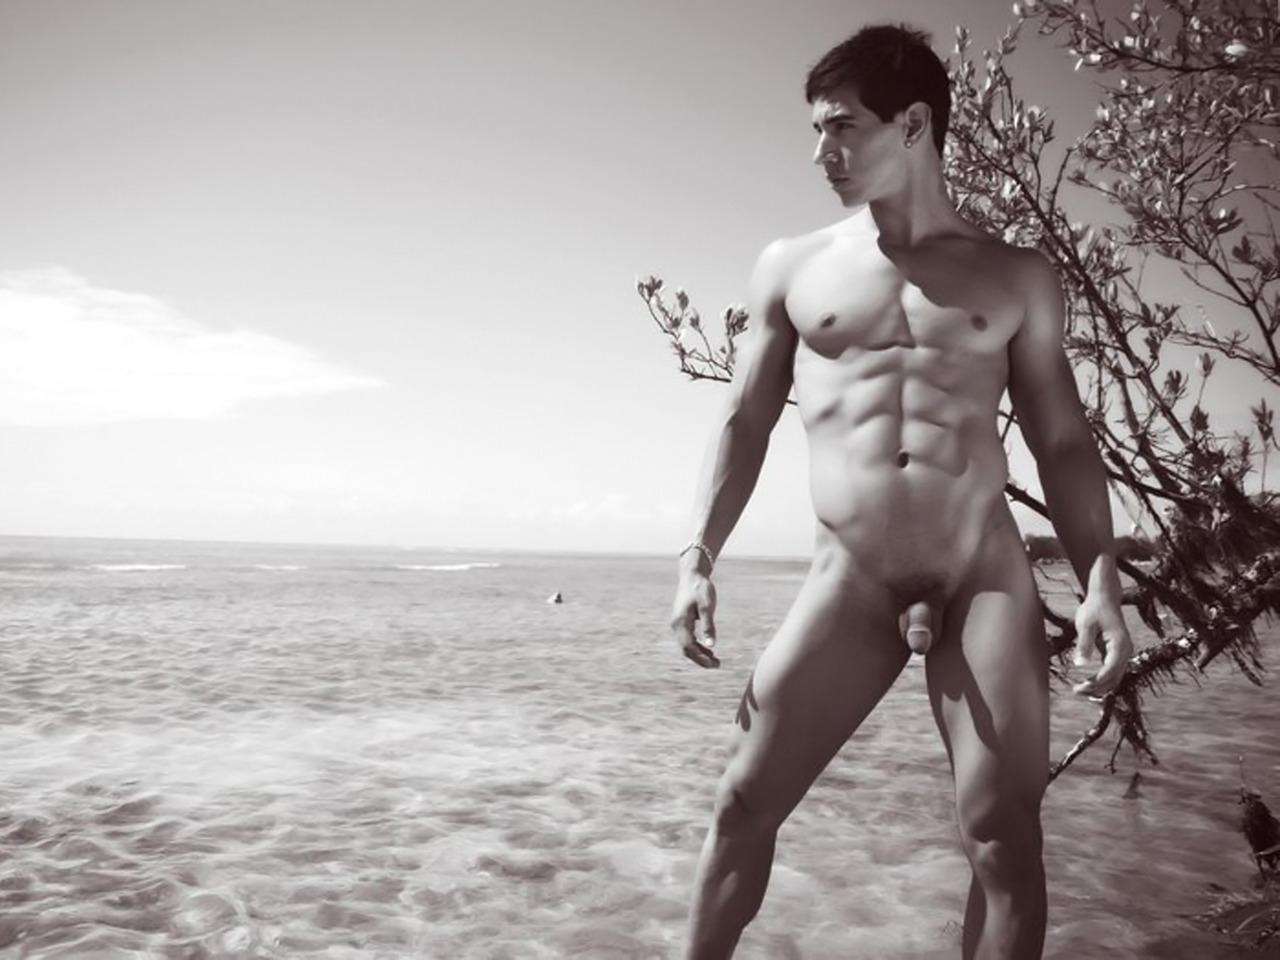 Голые фото мужиков, волгоградские гимнастки голые